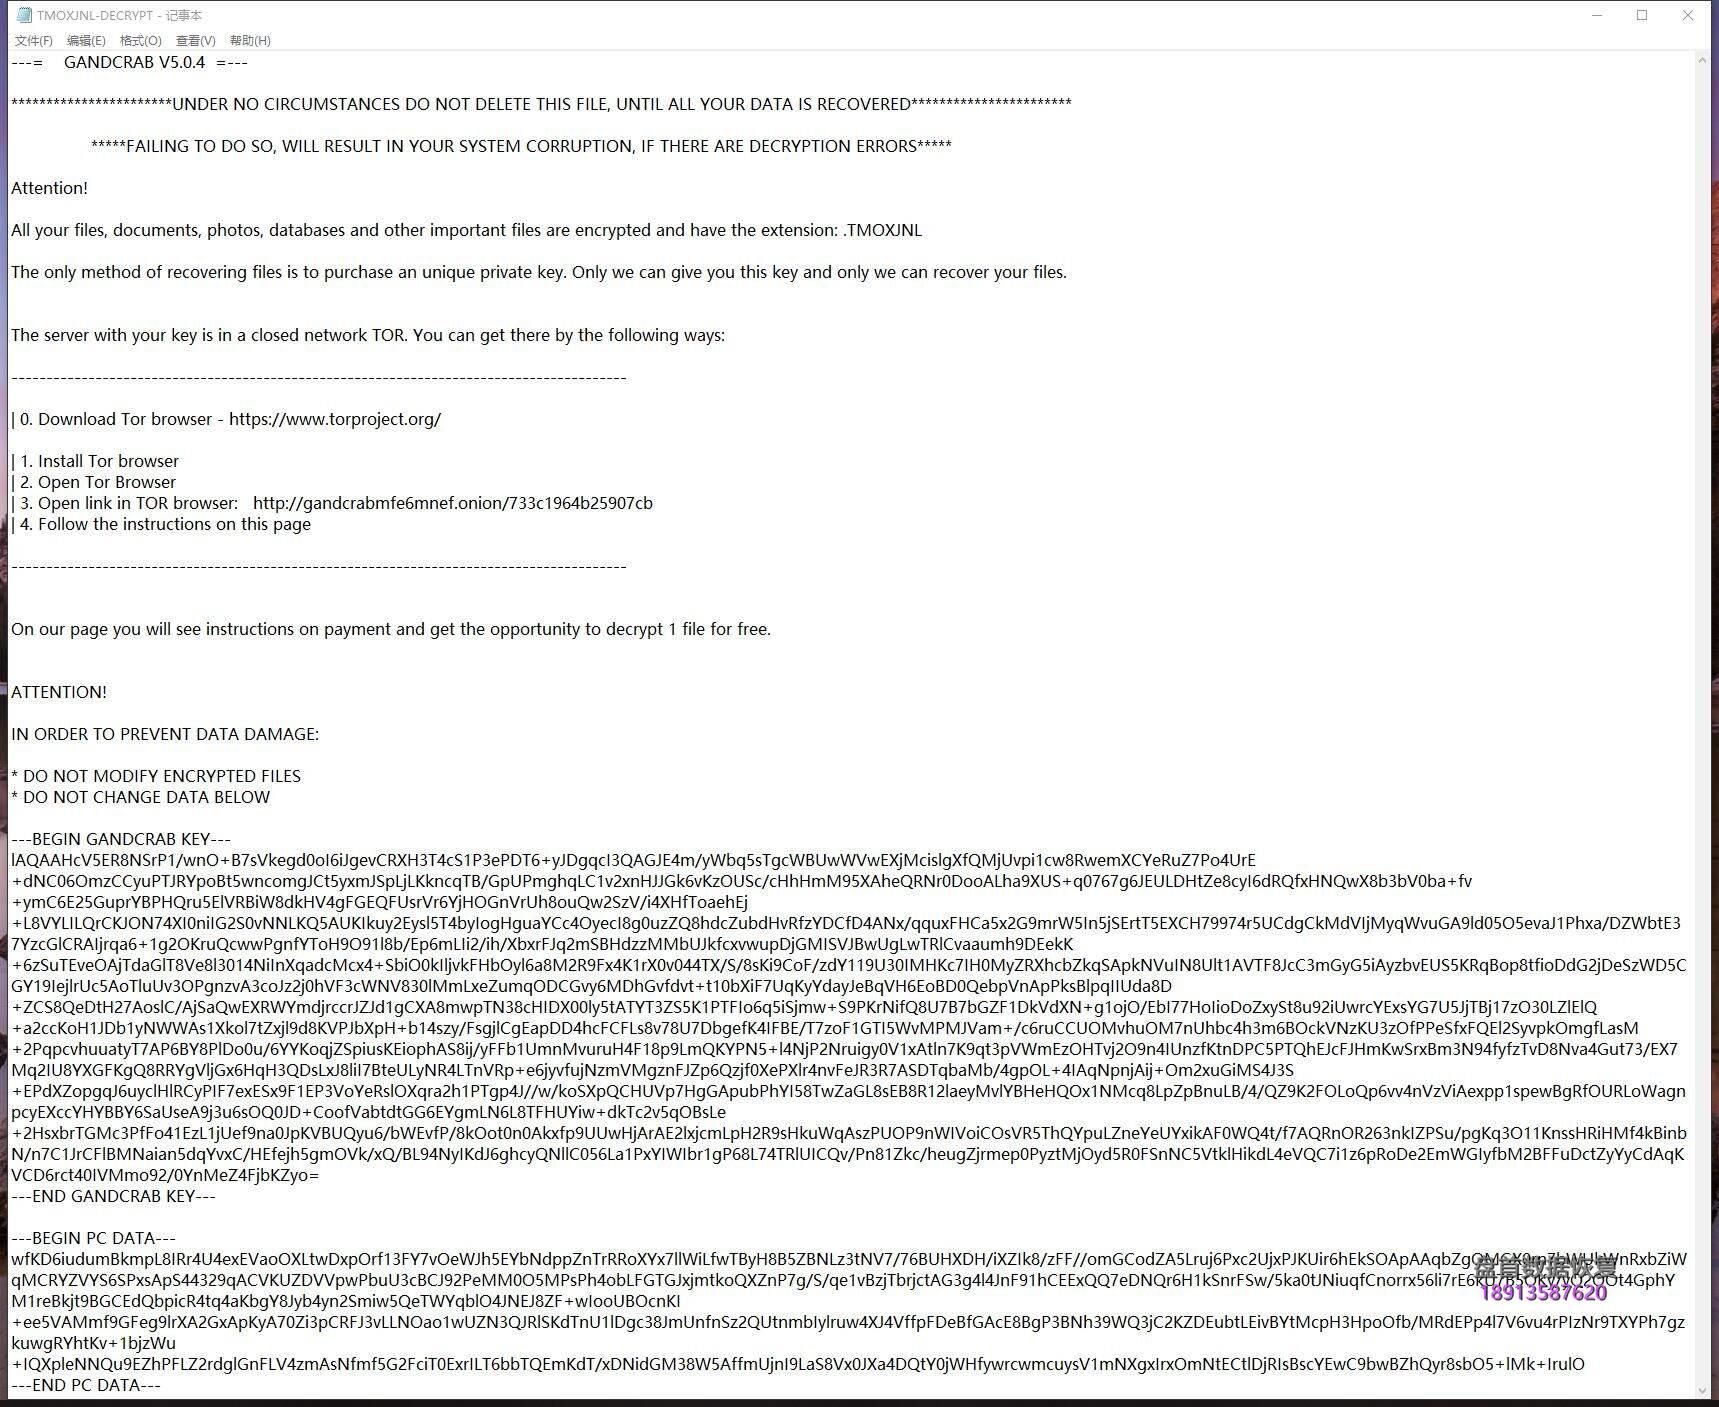 0-13 勒索病毒GandCrab V5.0.3  GandCrab V5.0.4最新变种来袭